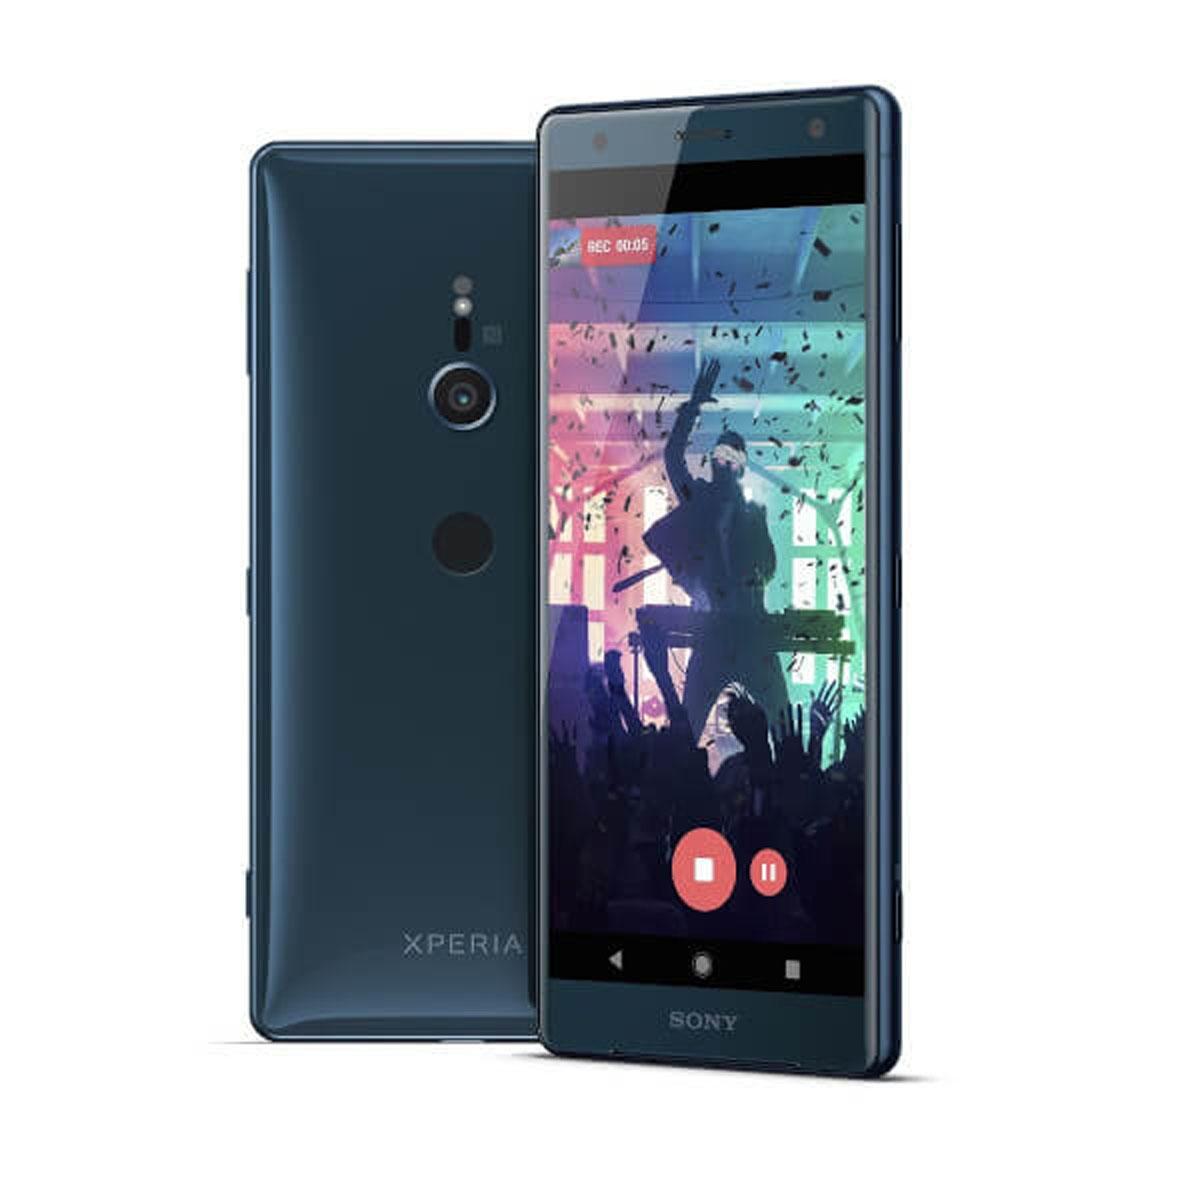 Sony xperia xz2 4gb/64gb single sim